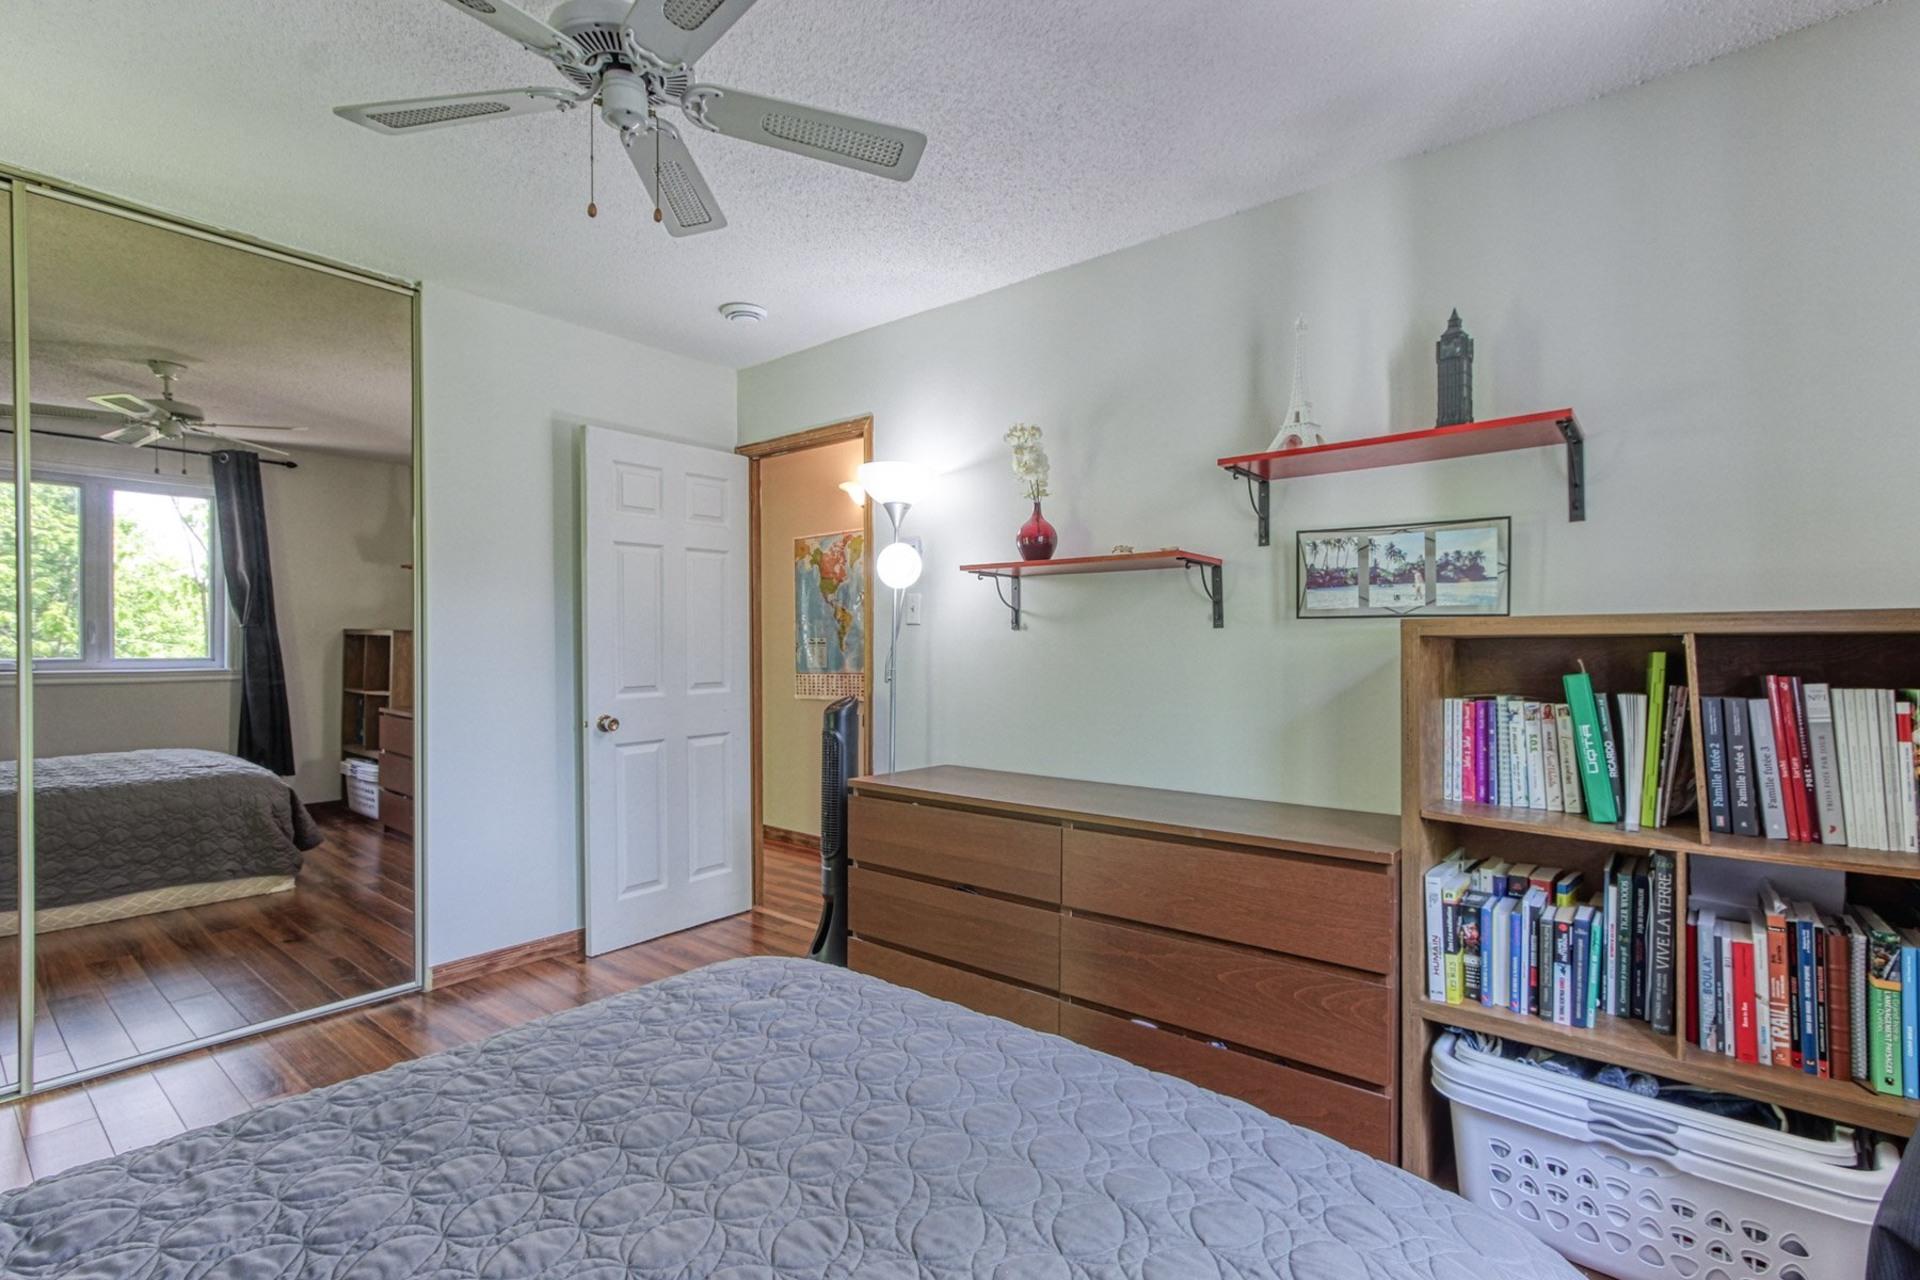 image 13 - Apartment For sale Trois-Rivières - 8 rooms